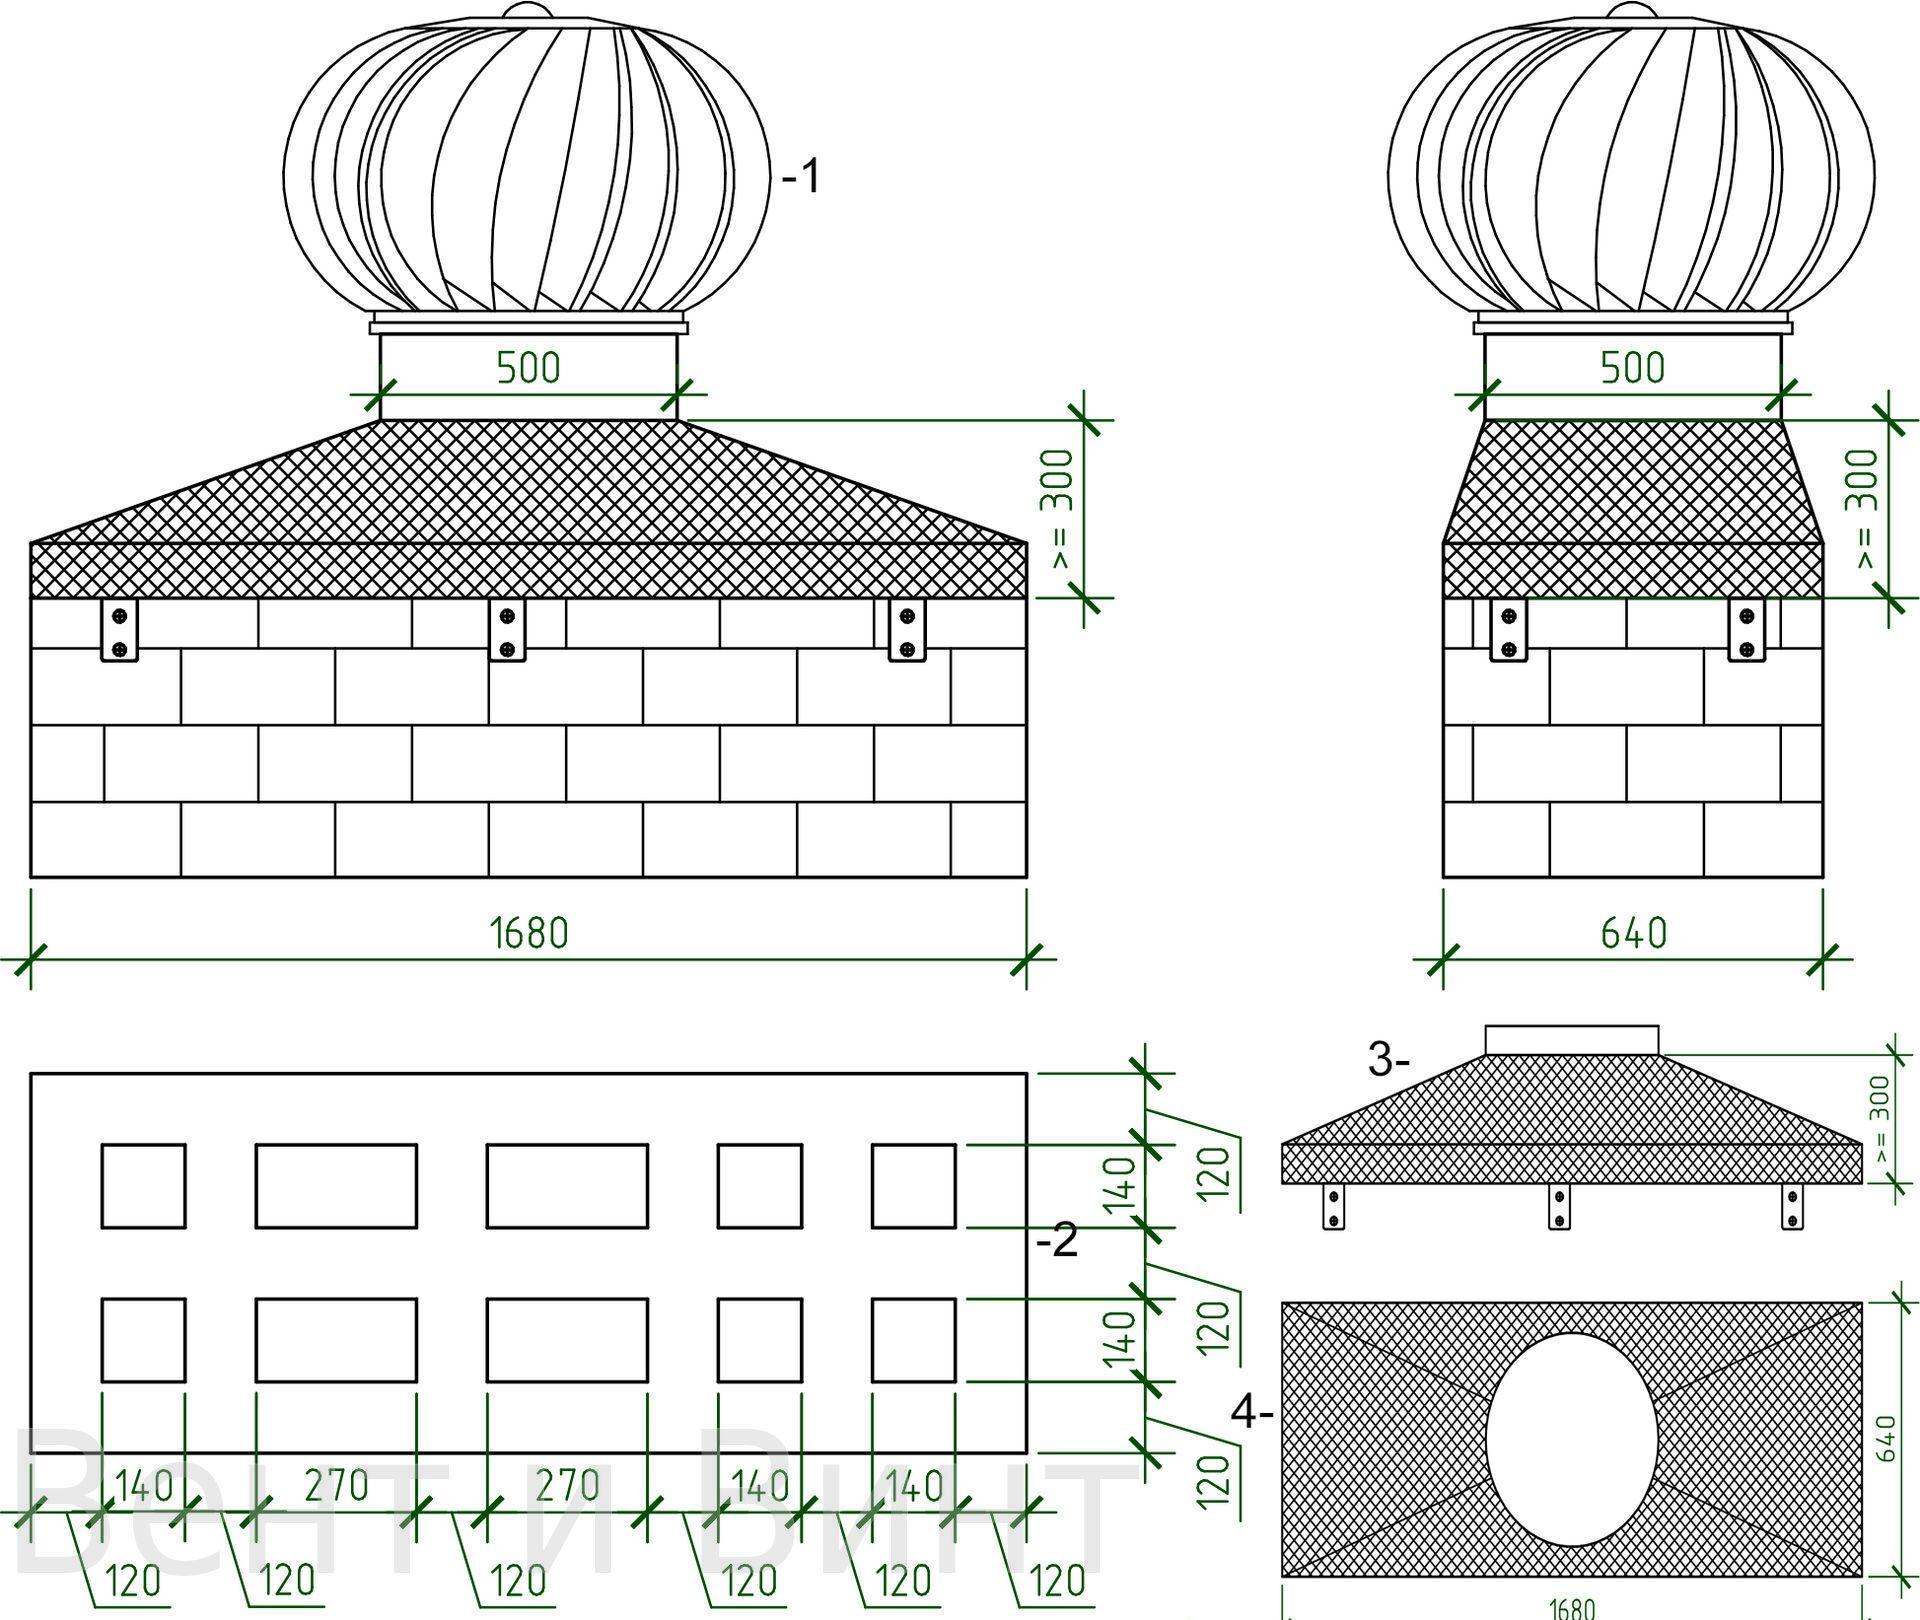 Дефлектор на дымоход своими руками: чертежи и инструкции 56